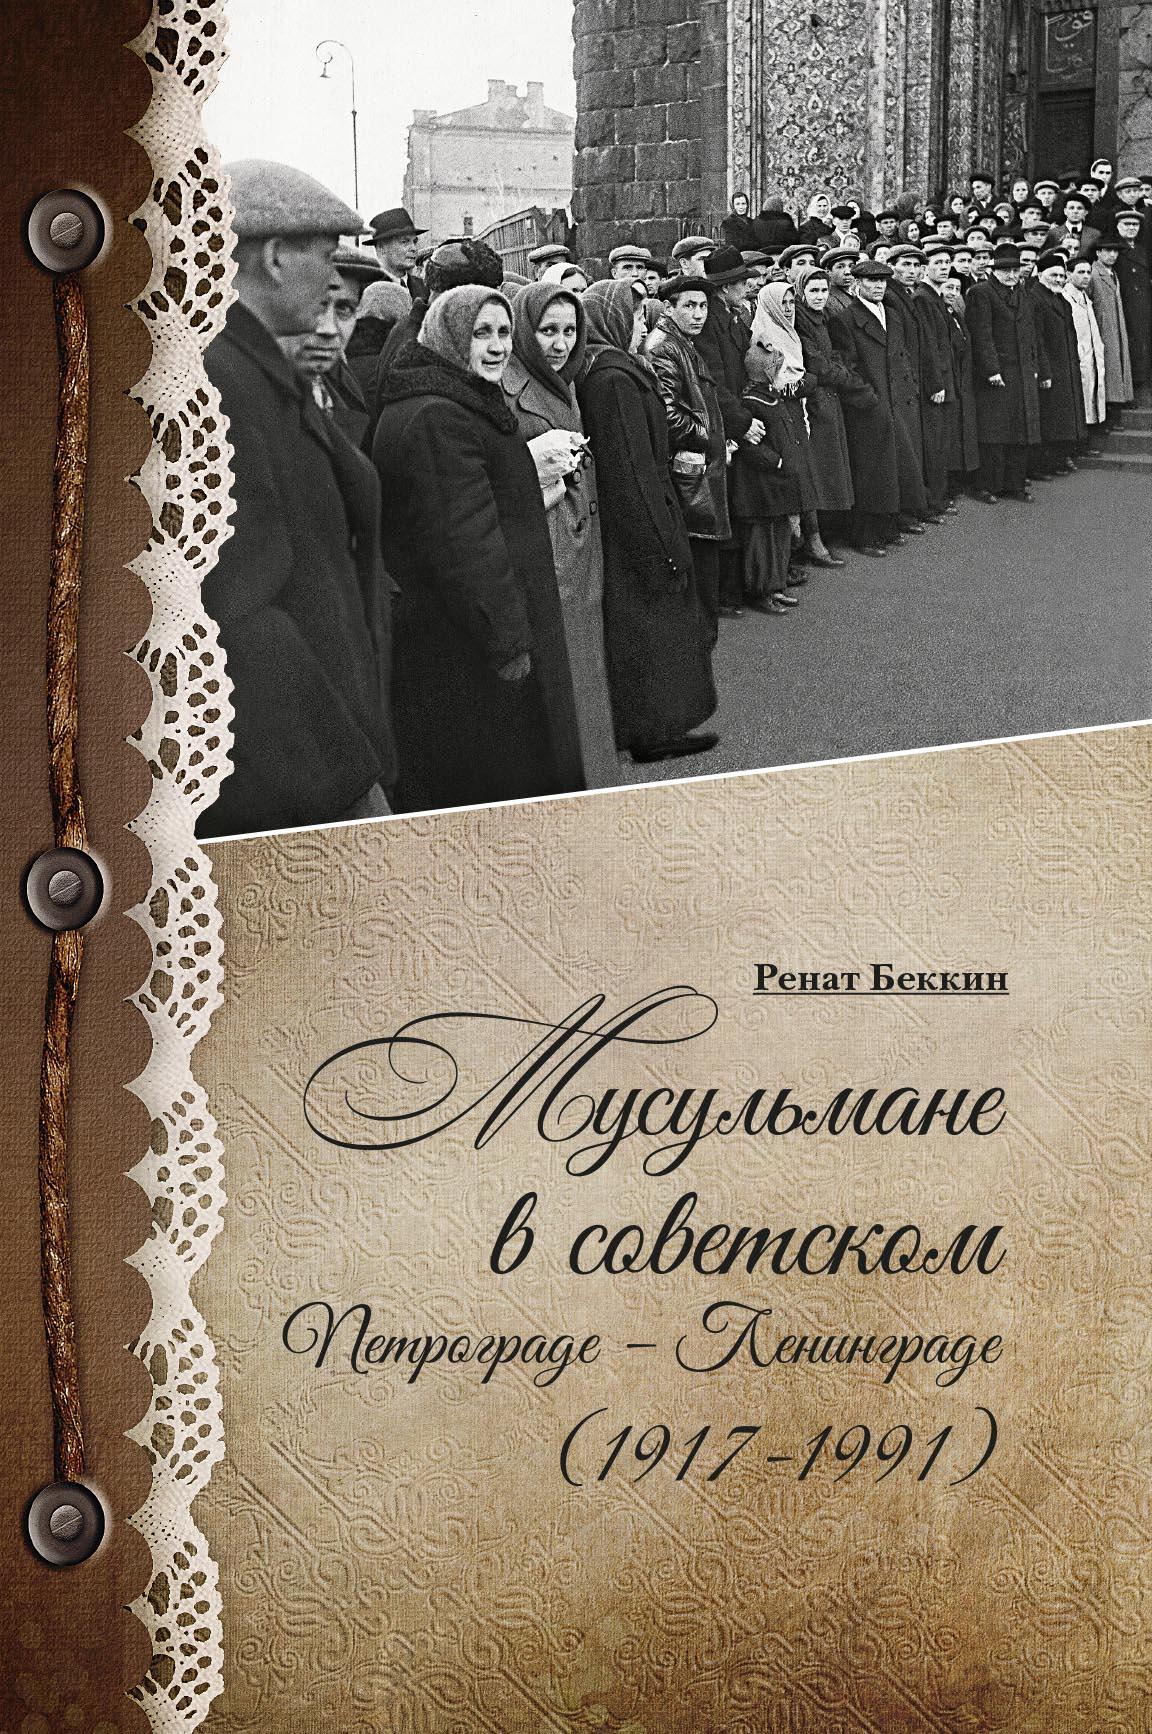 Мусульмане в советском Петрограде – Ленинграде (1917–1991)